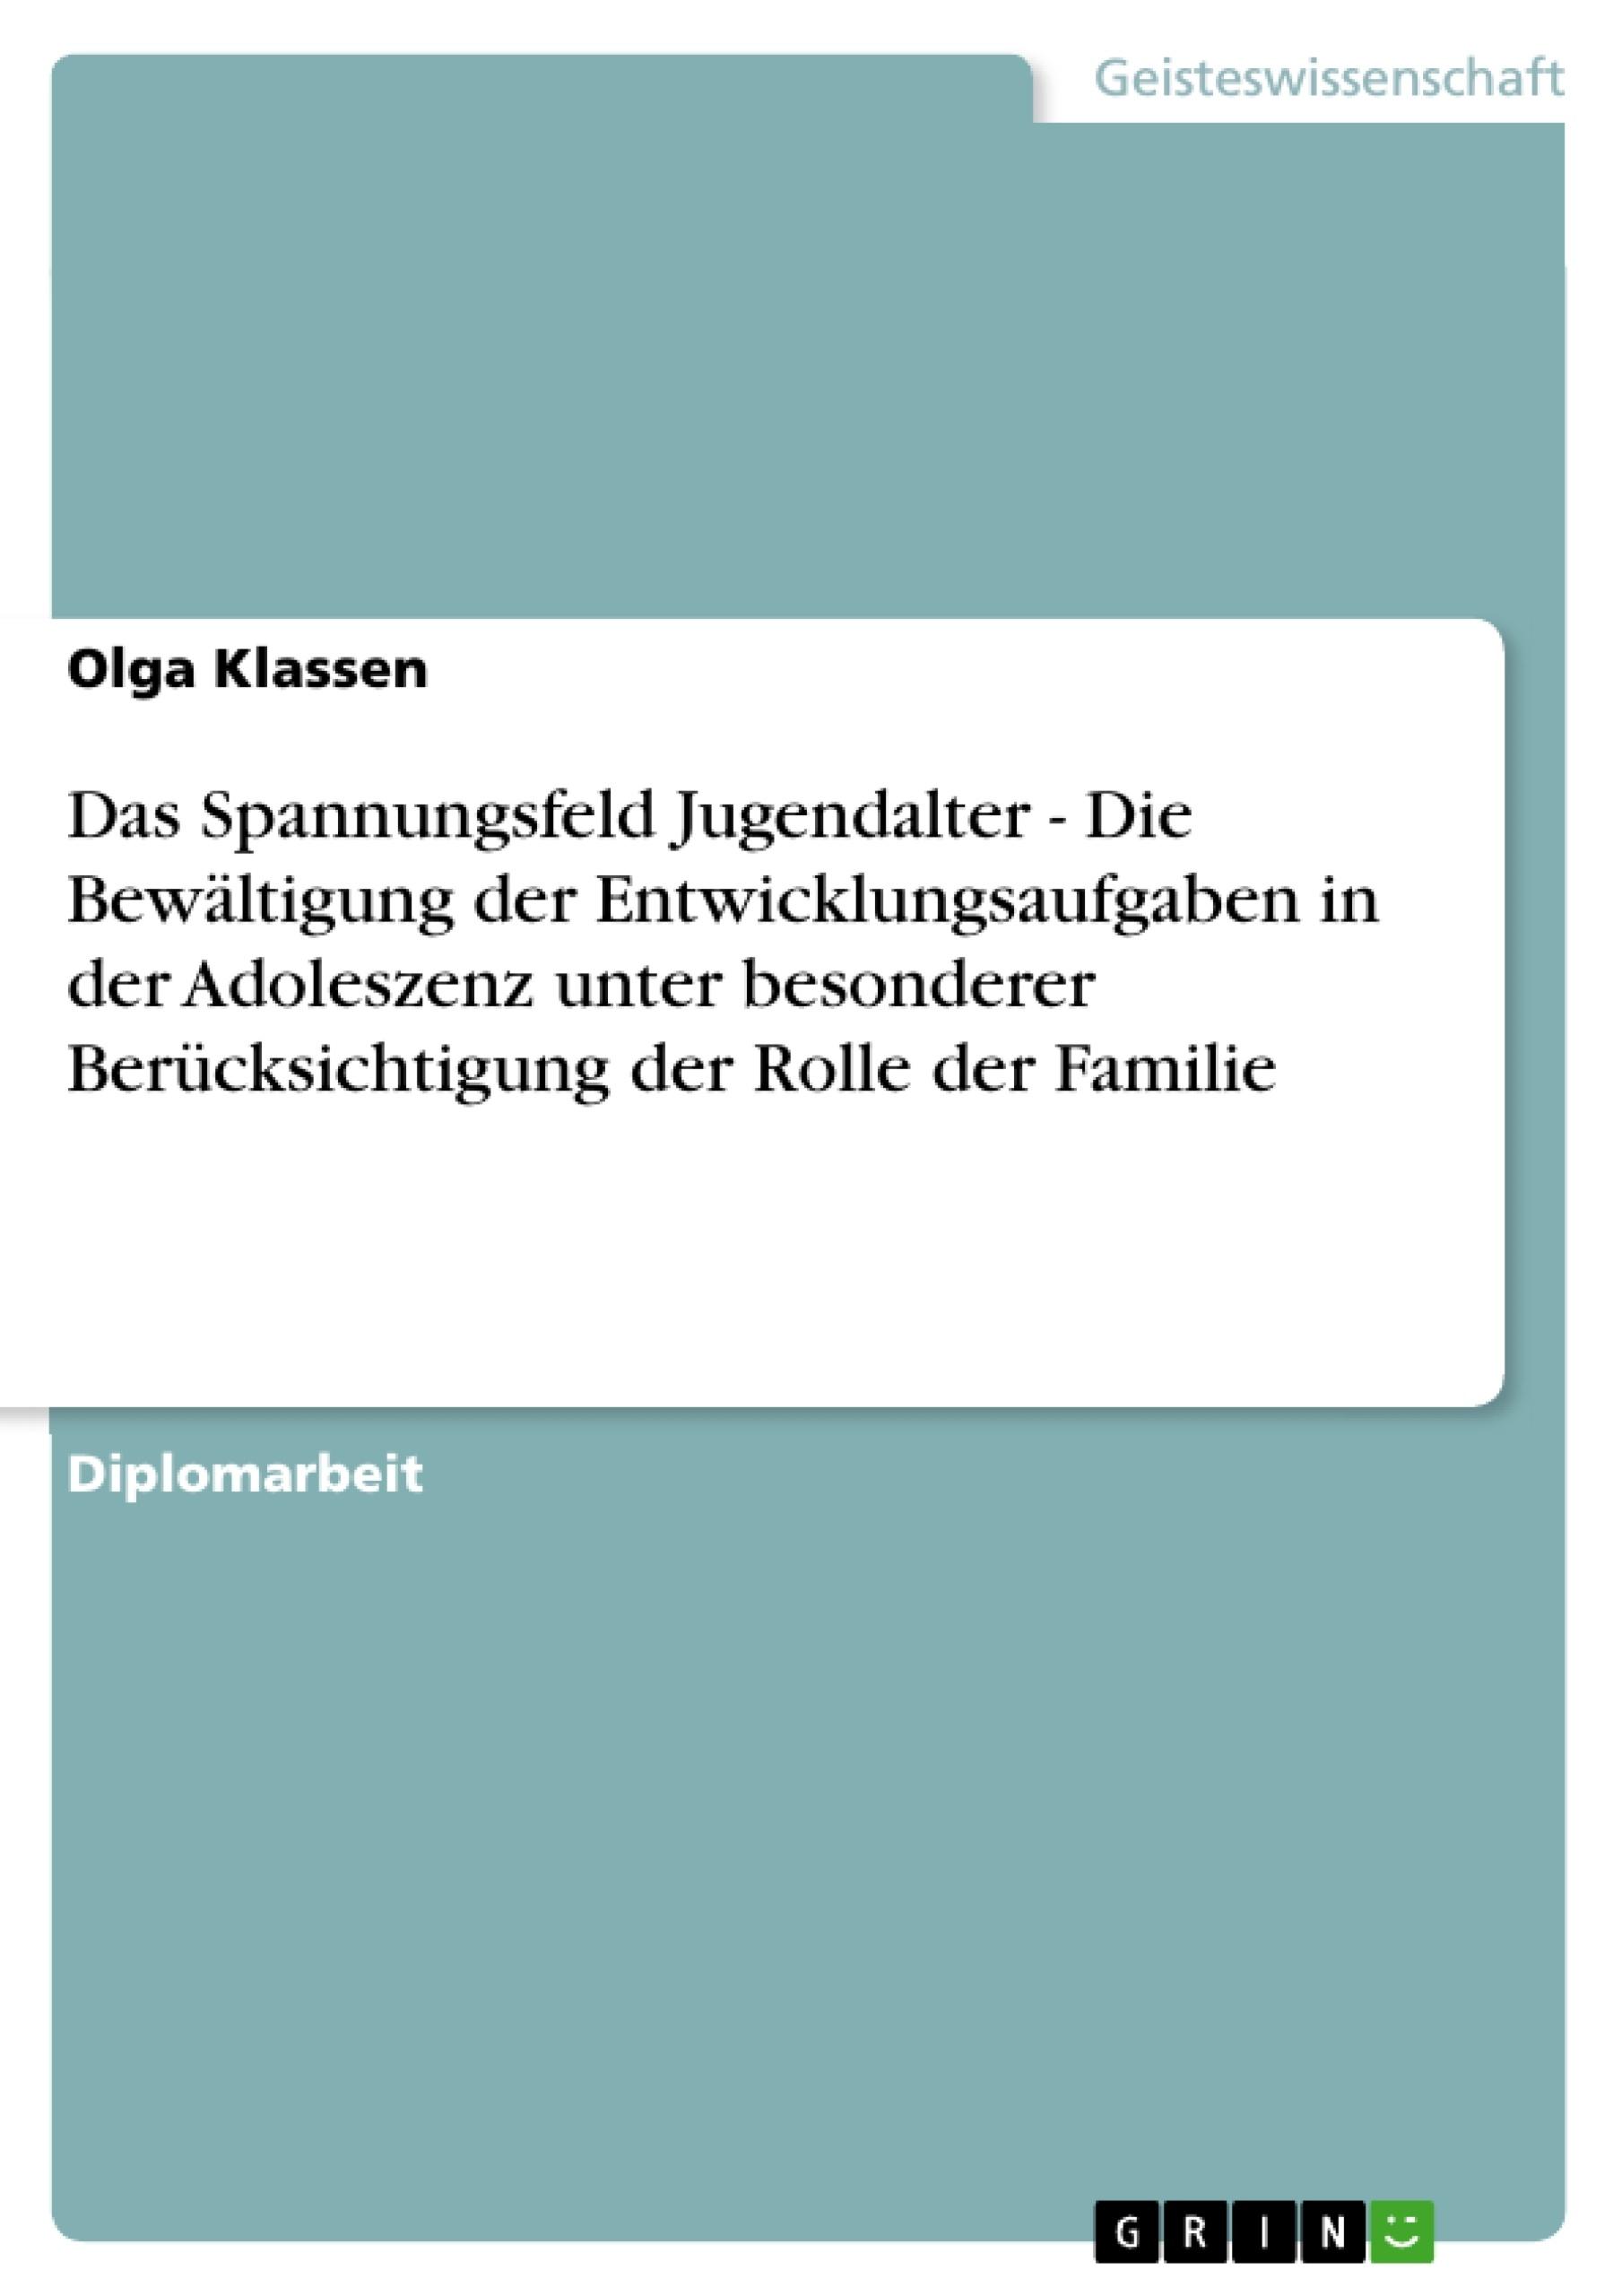 Titel: Das Spannungsfeld Jugendalter - Die Bewältigung der Entwicklungsaufgaben in der Adoleszenz unter besonderer Berücksichtigung der Rolle der Familie